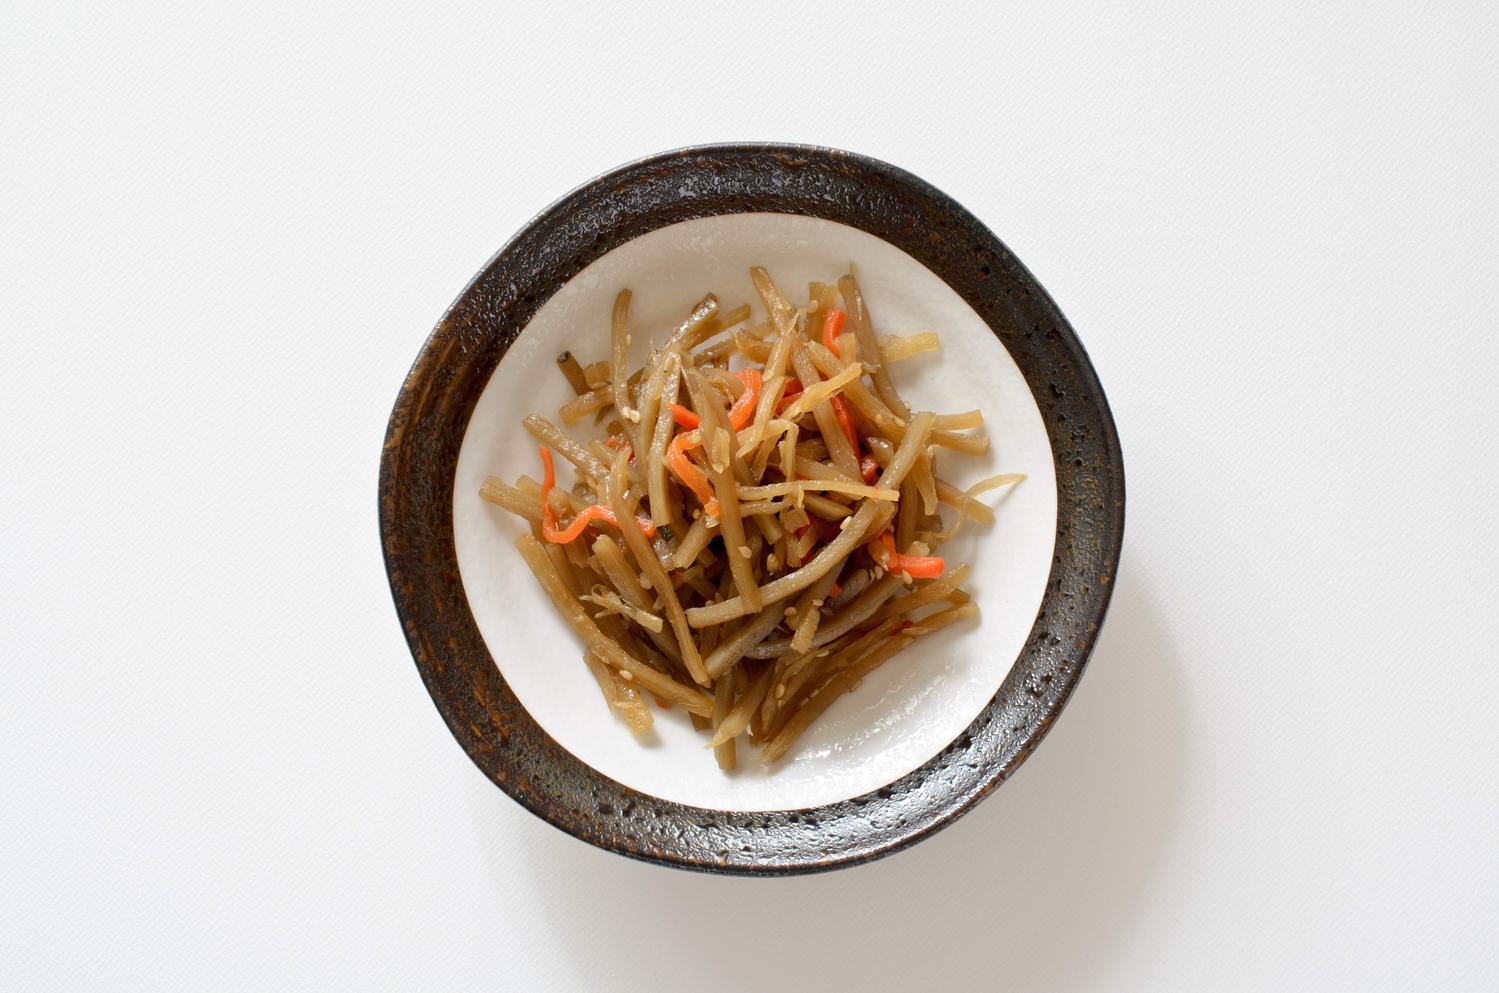 野菜を食べるなら:根野菜